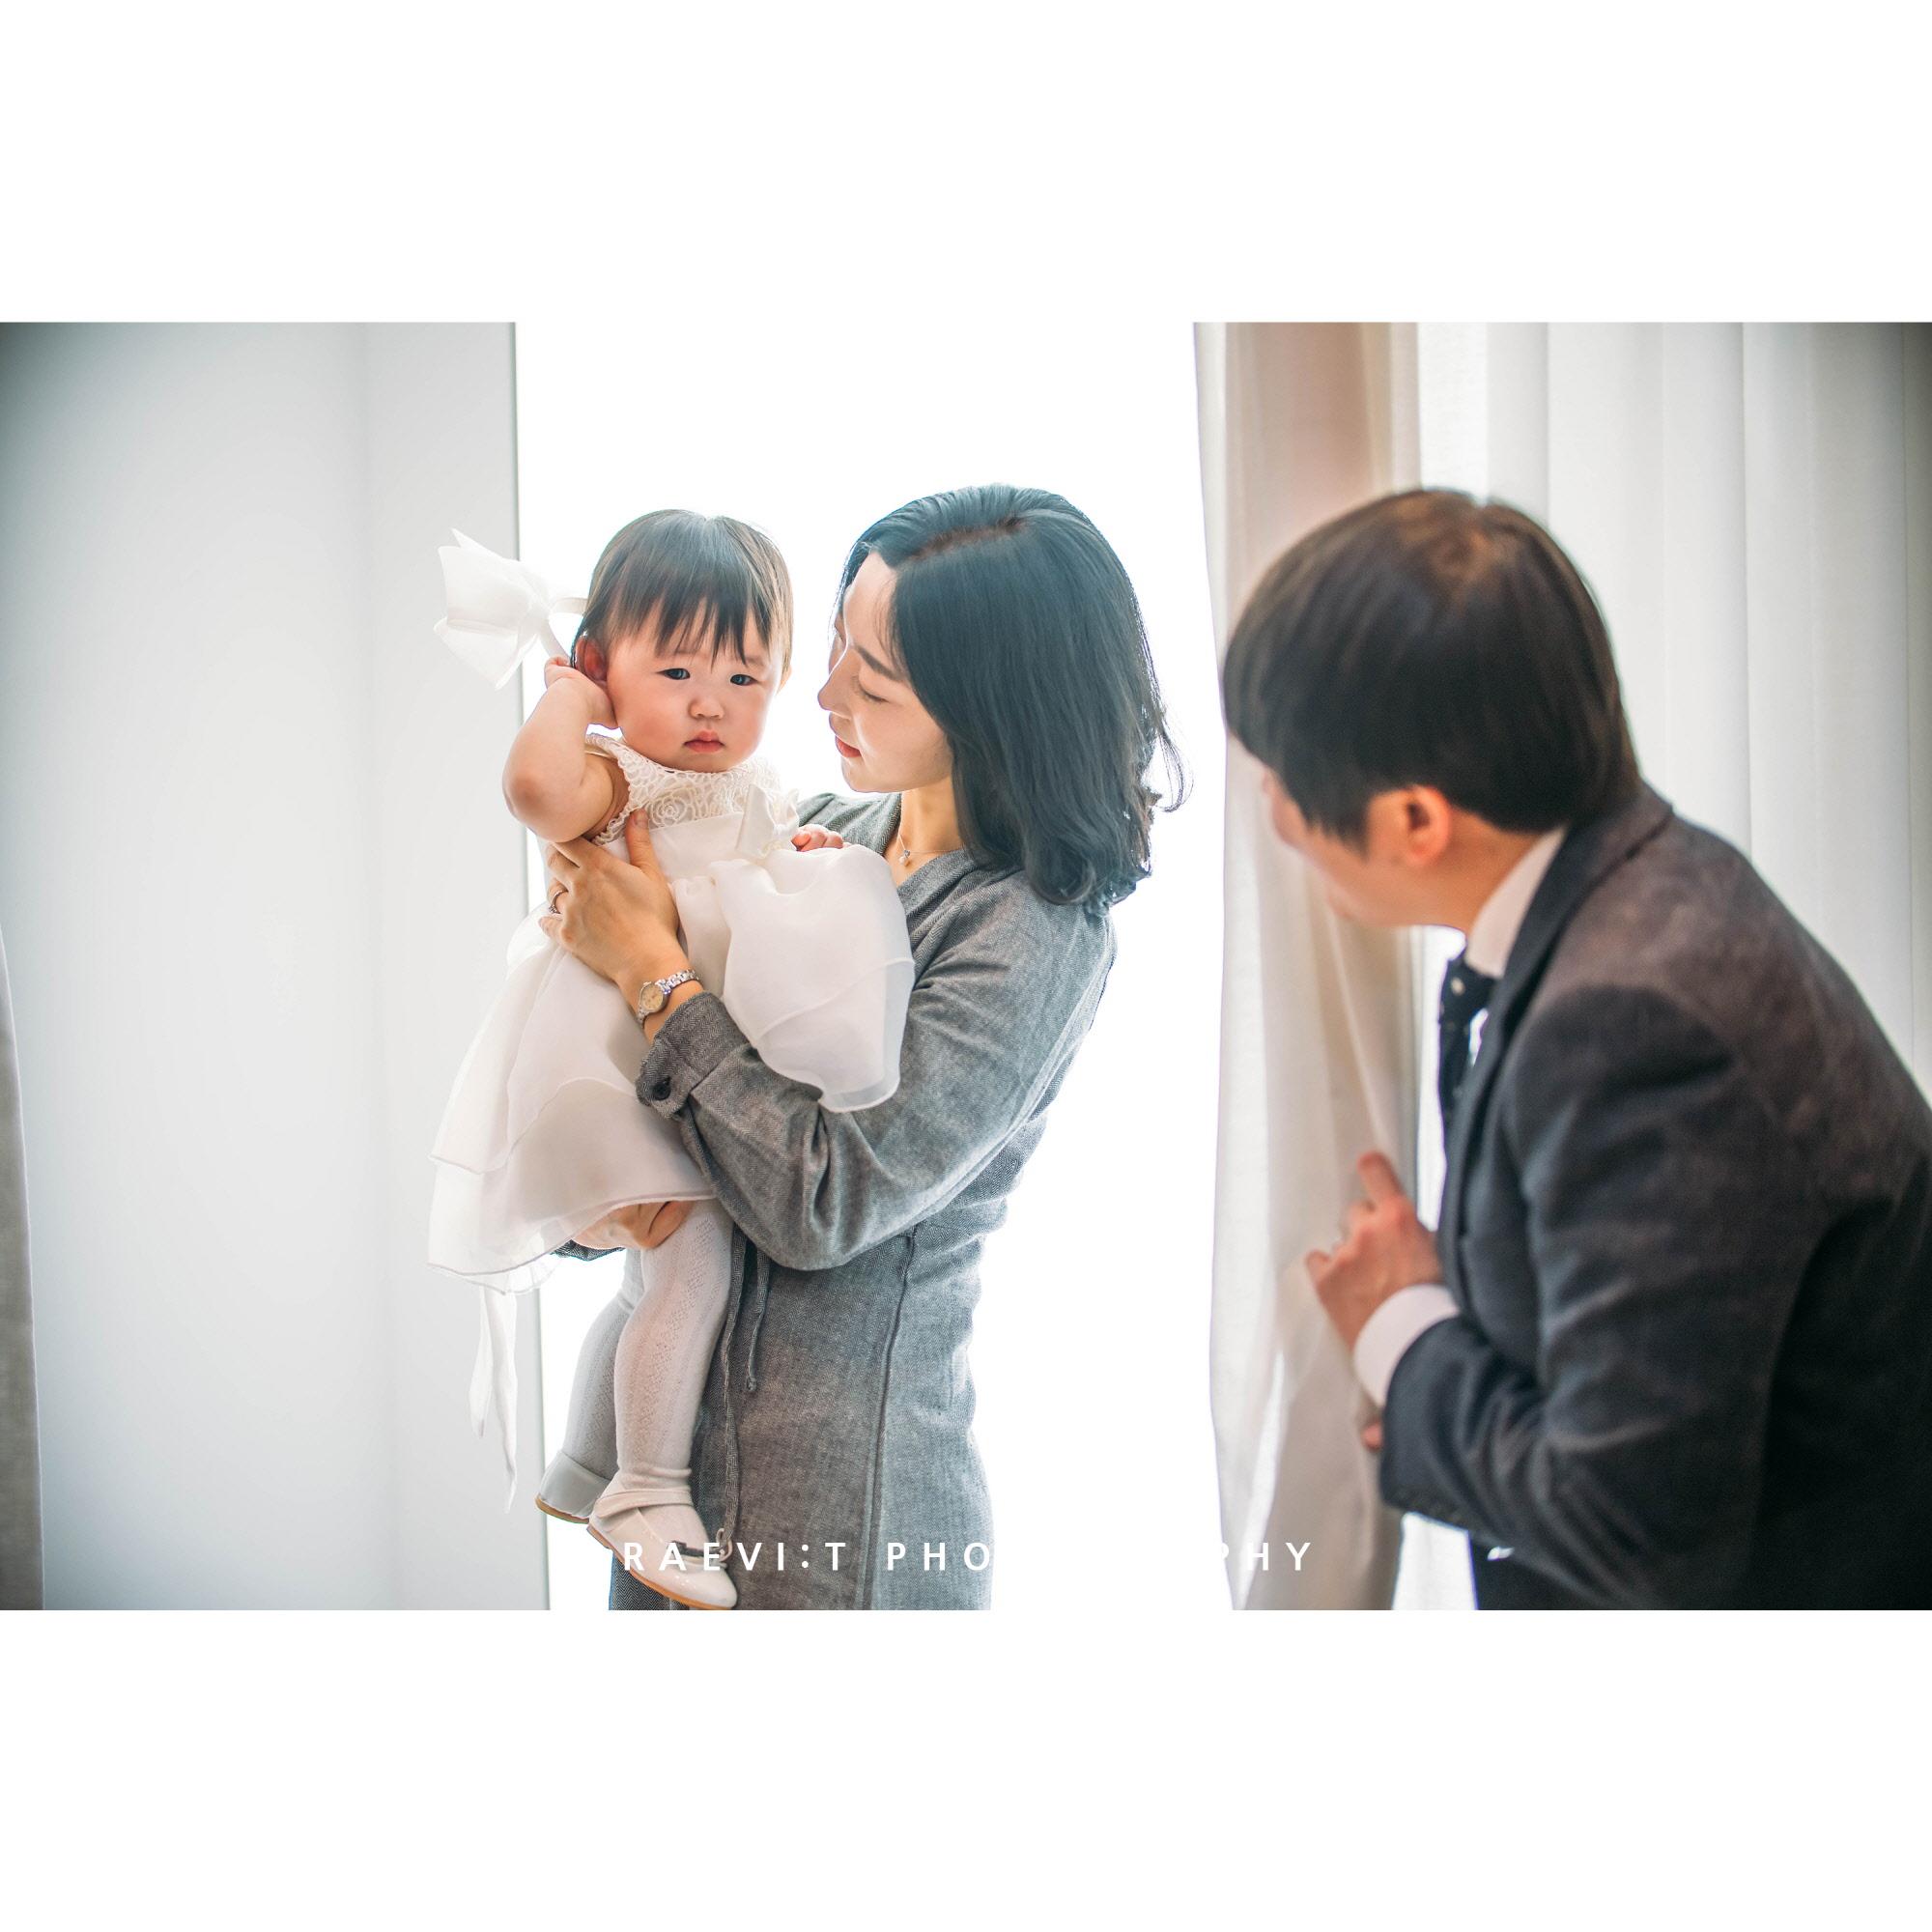 범일더파티소규모돌잔치_래빛스냅_016.jpg